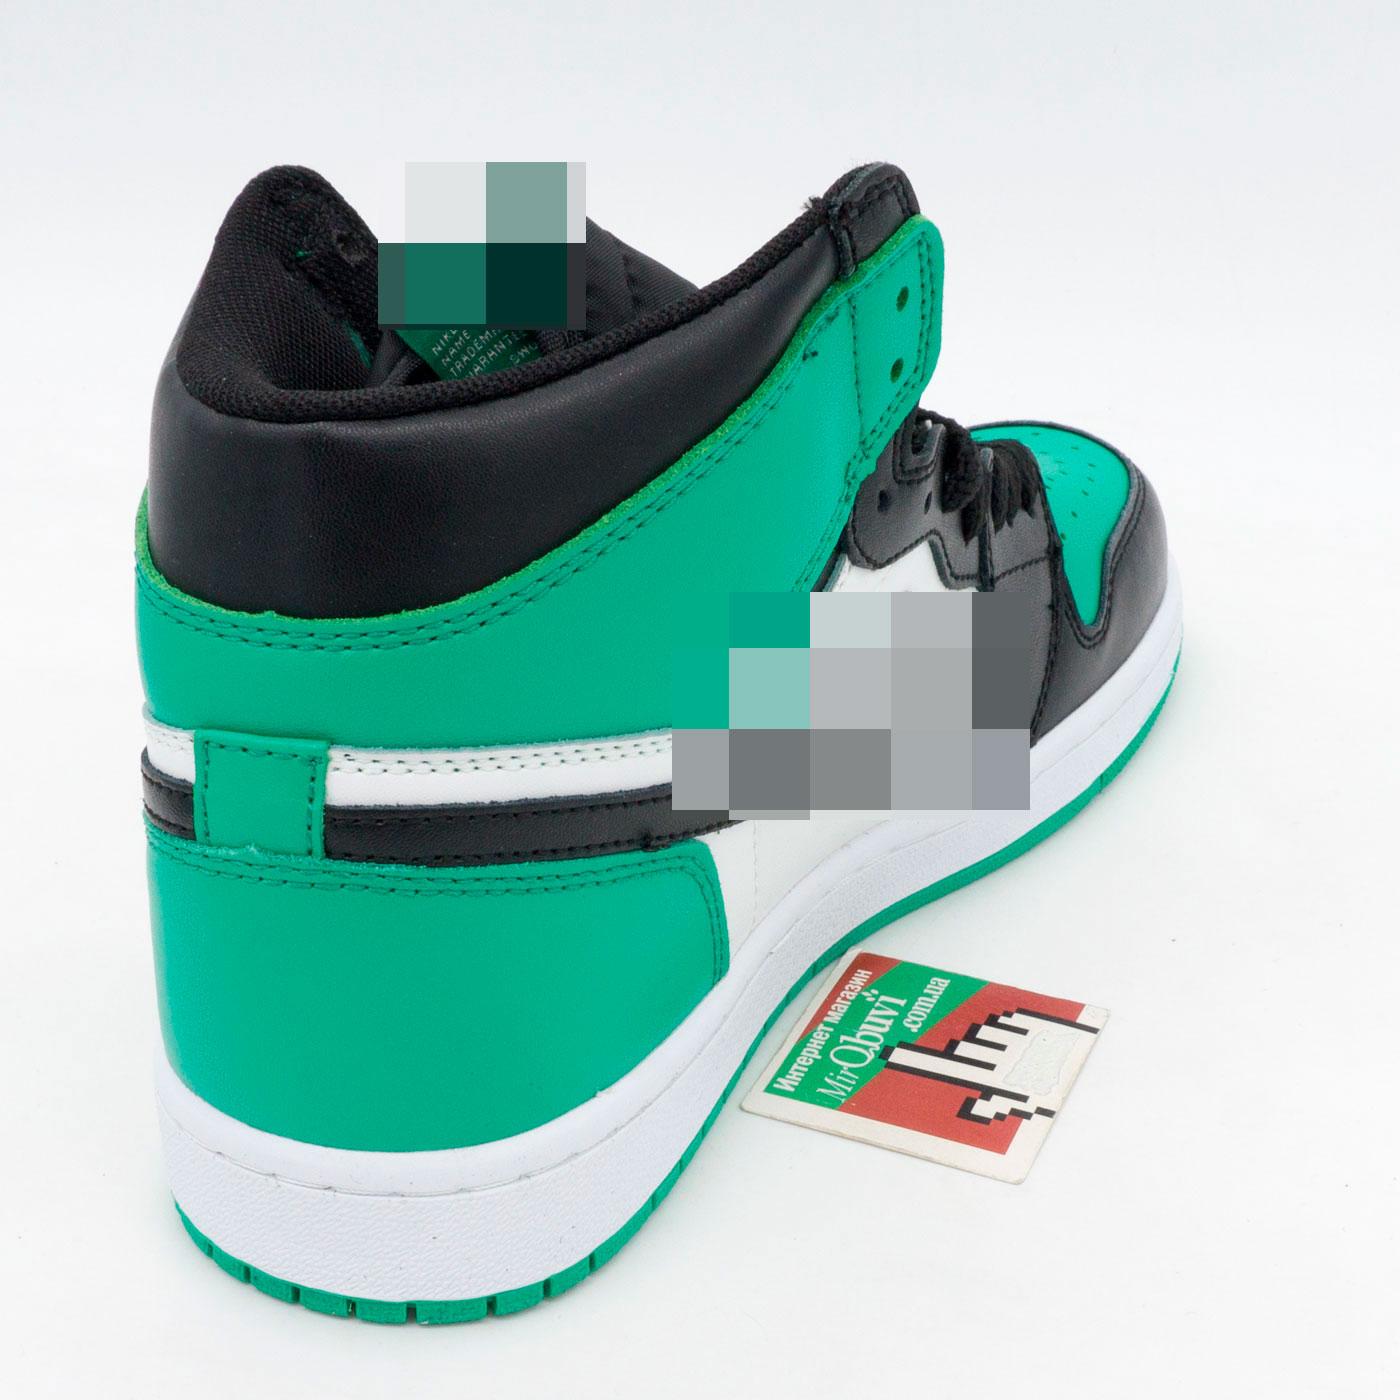 фото back Высокие черные c зеленым кроссовки Nke Air Jordan 1 . Топ качество! back